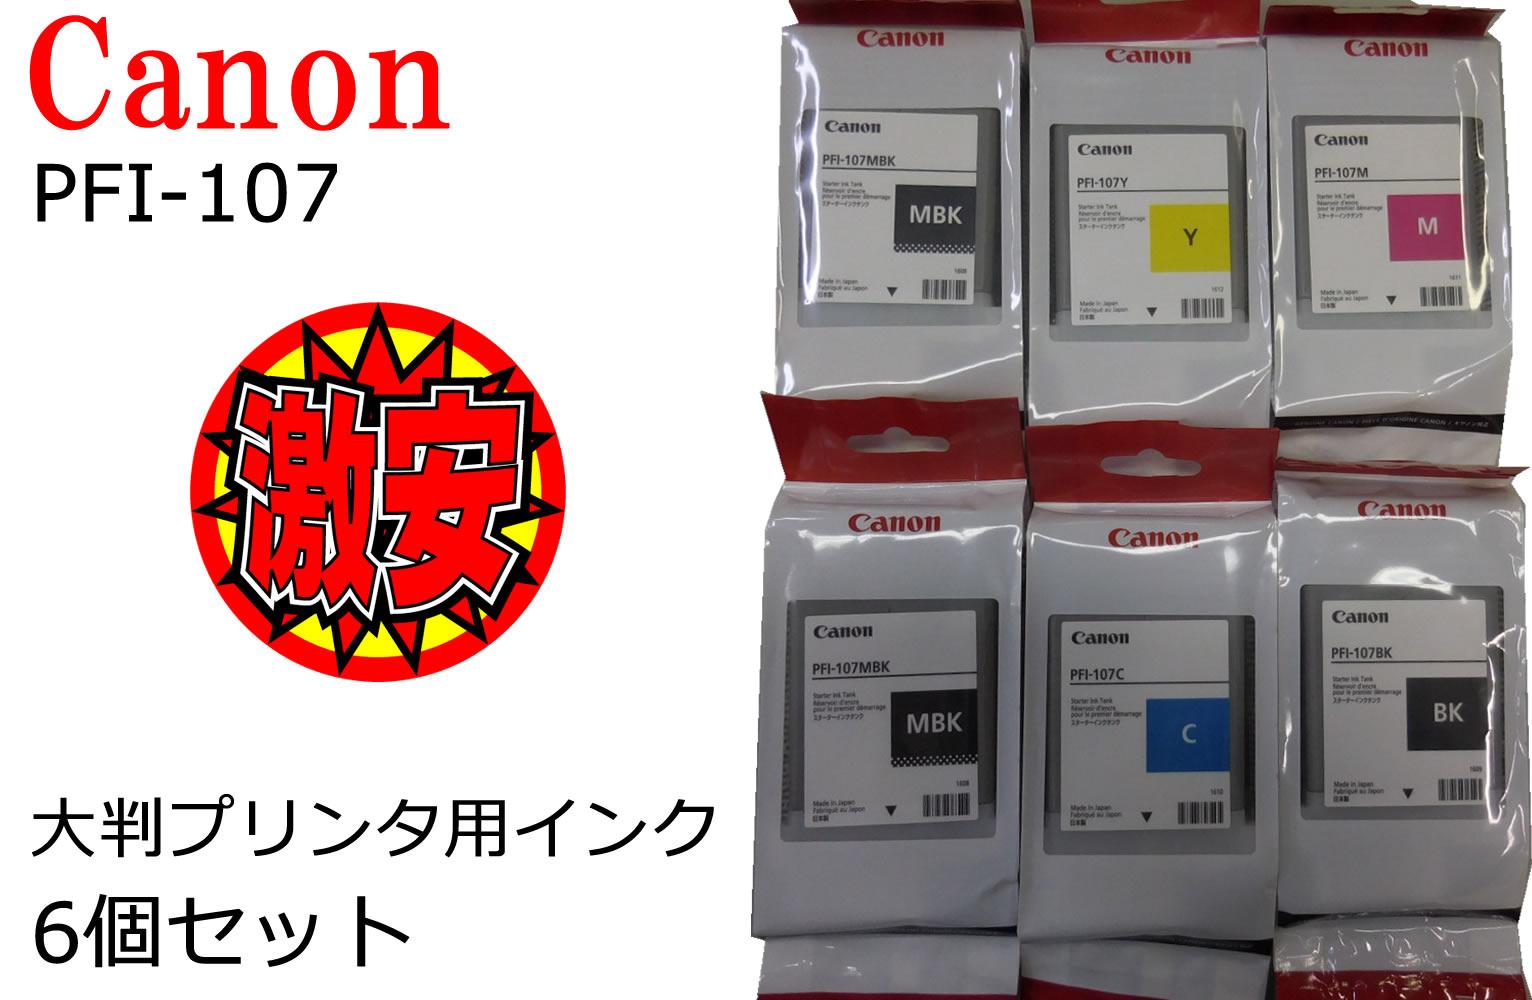 【訳あり未使用】Canon大判プリンタ用インクPFI-107 90ml 6個セットイエロー・シアン。ブラック・マゼンダ・マッドブラック【日暮里店】